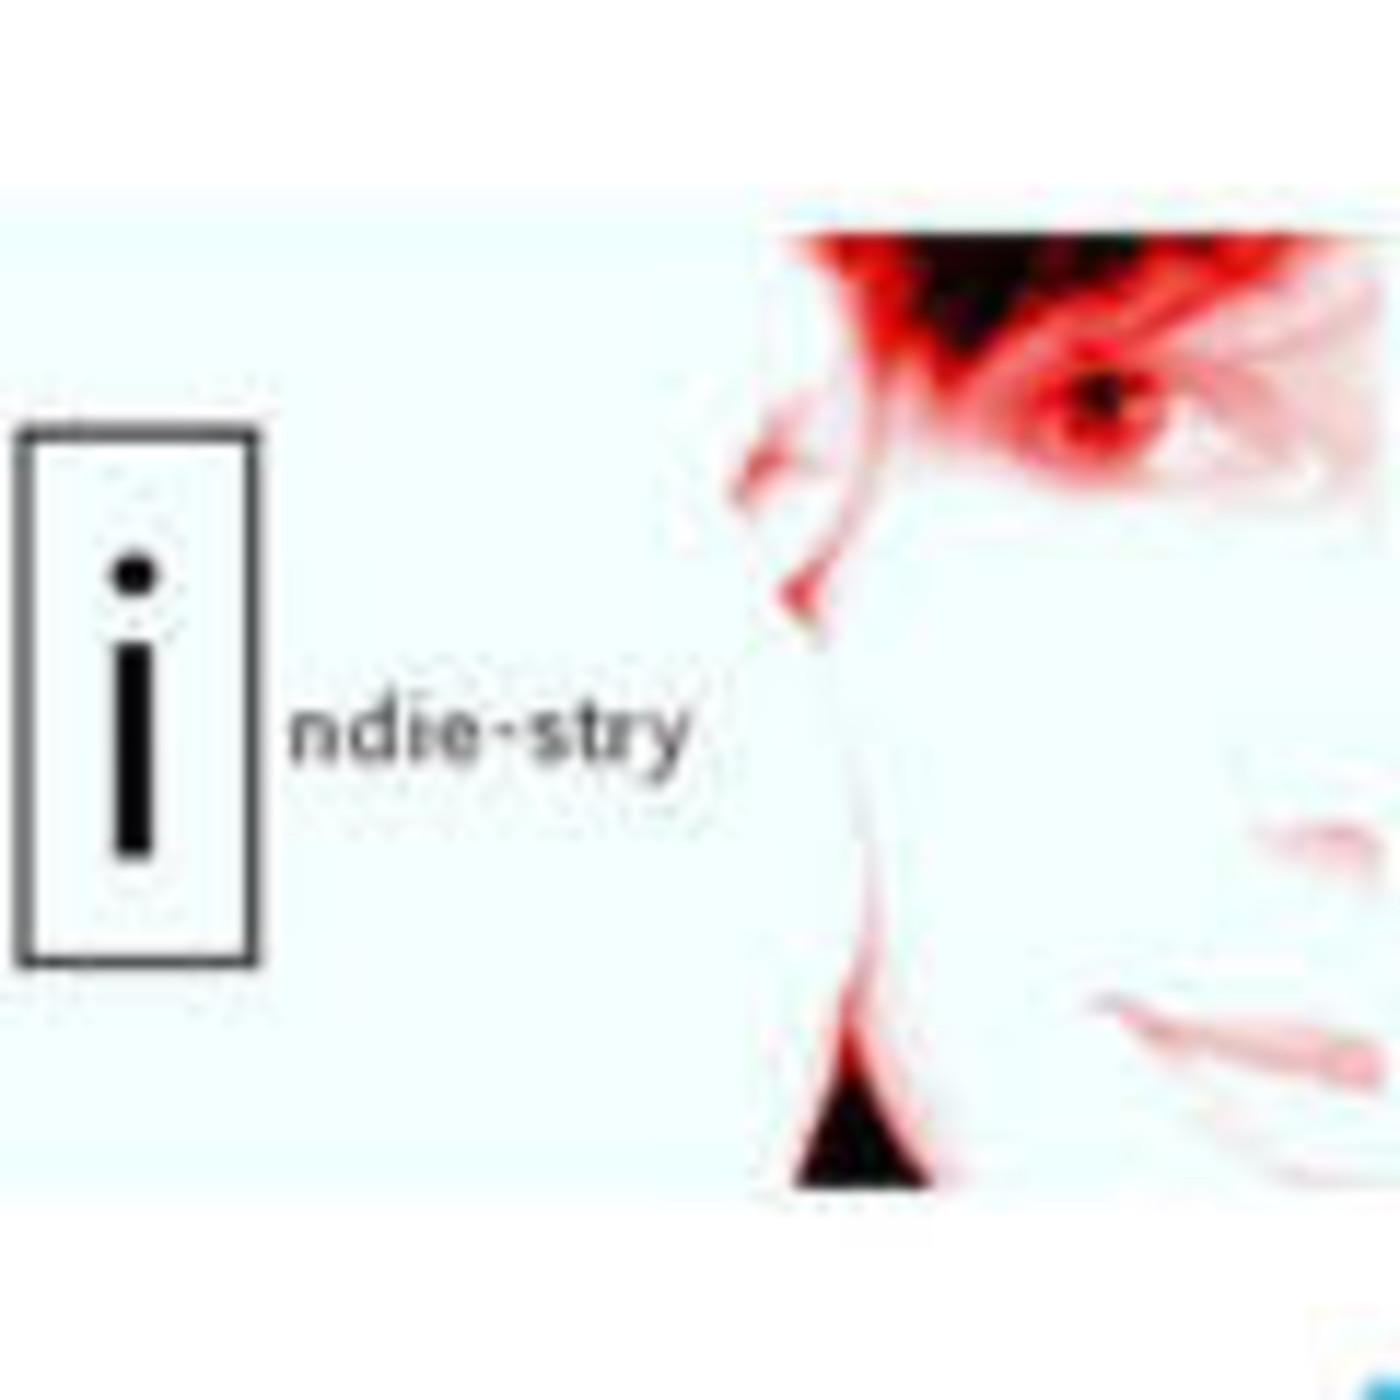 iNDIE-STRY™